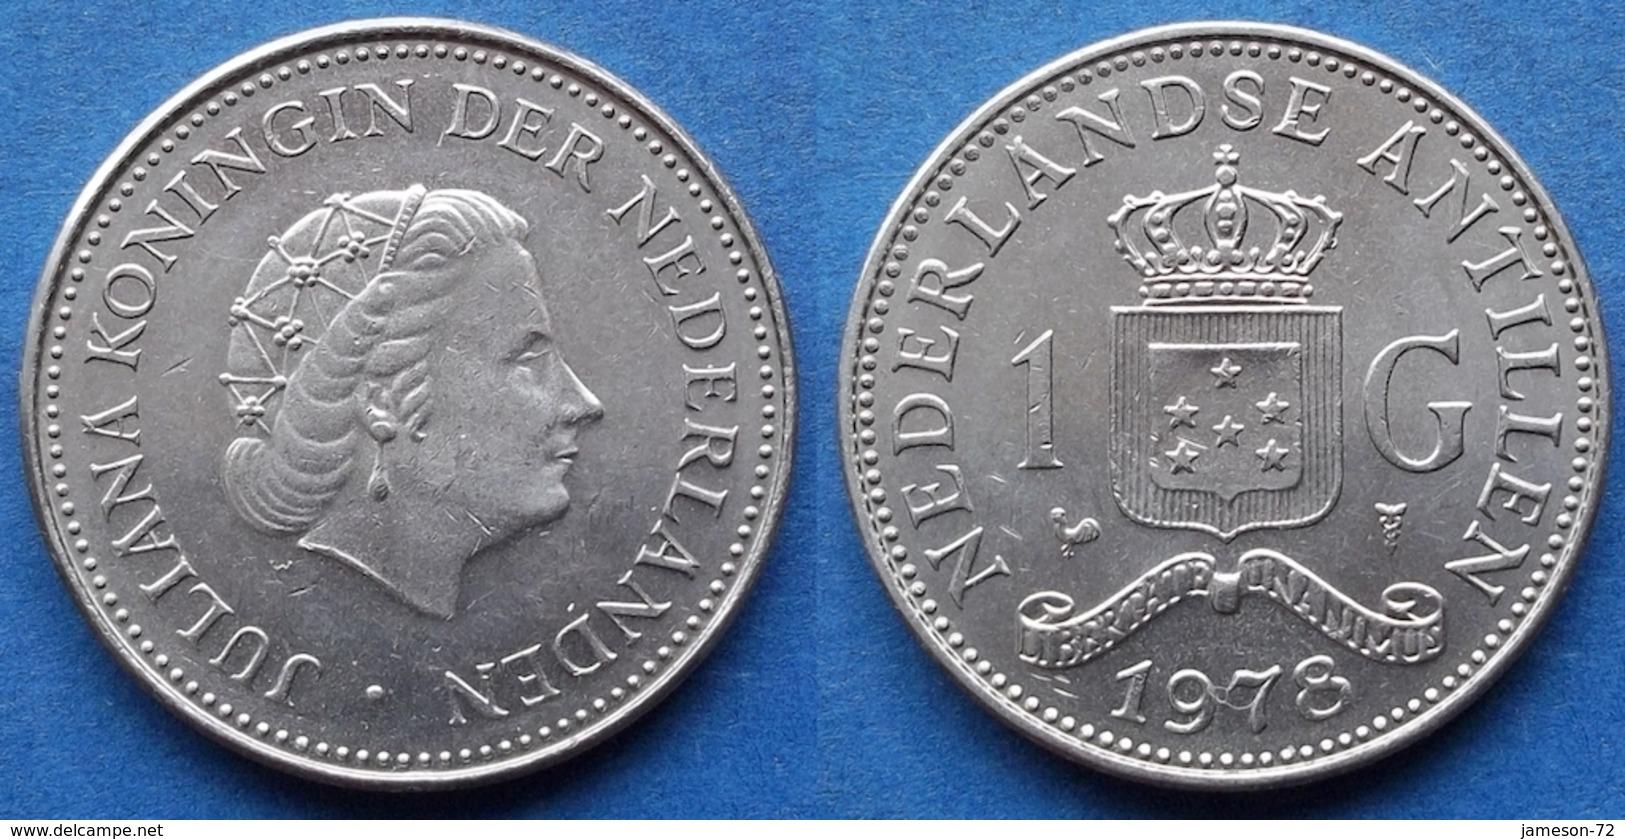 NETHERLANDS ANTILLES - 1 Gulden 1978 KM# 12 Juliana (1948-80) - Edelweiss Coins - Netherland Antilles